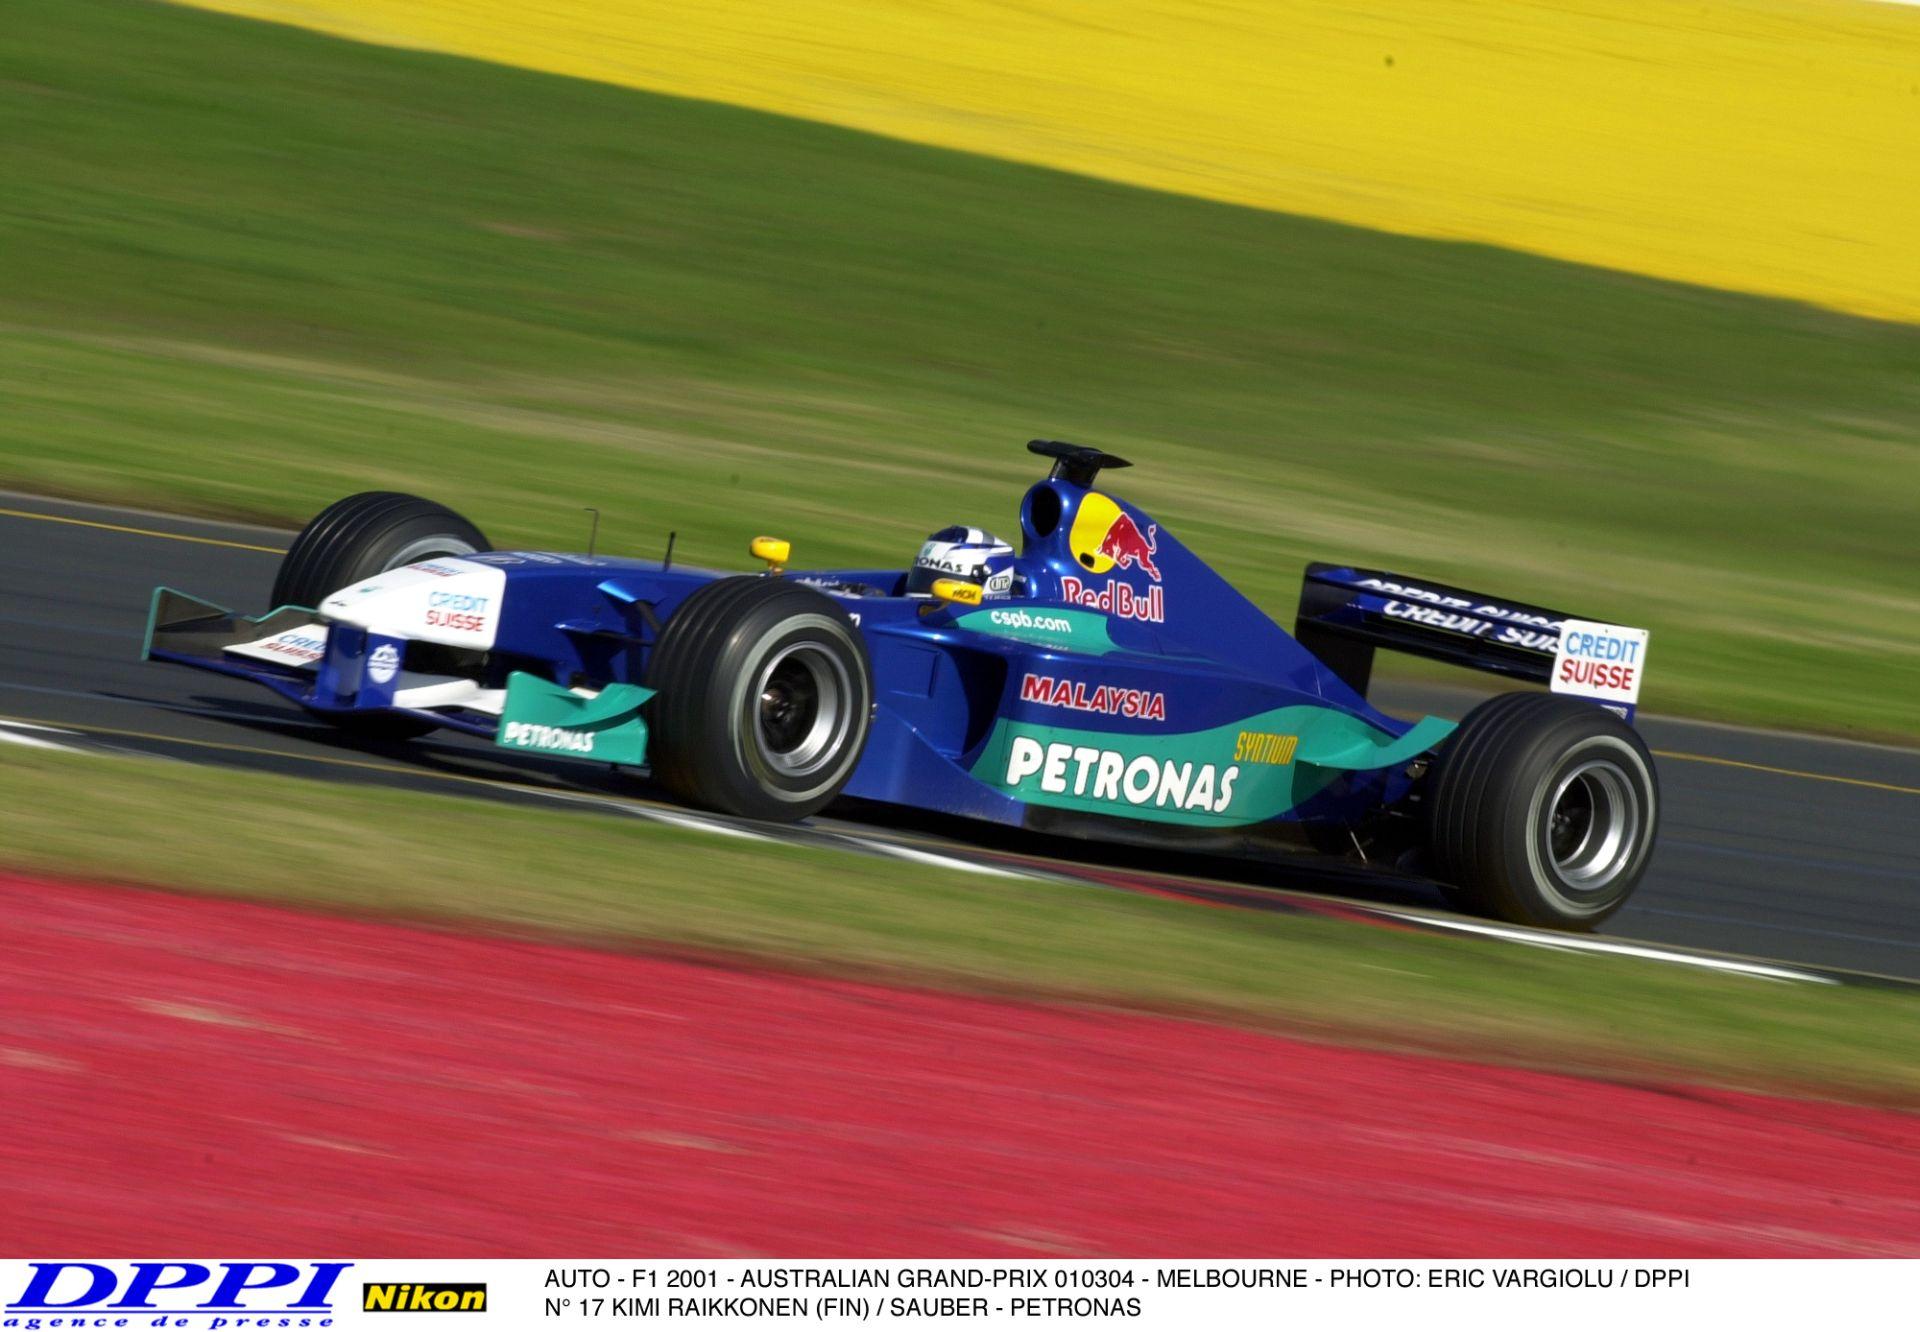 Raikkönen brutális tempója a Sauberrel, rögtön az első időmérőjén - 2001, Ausztrália